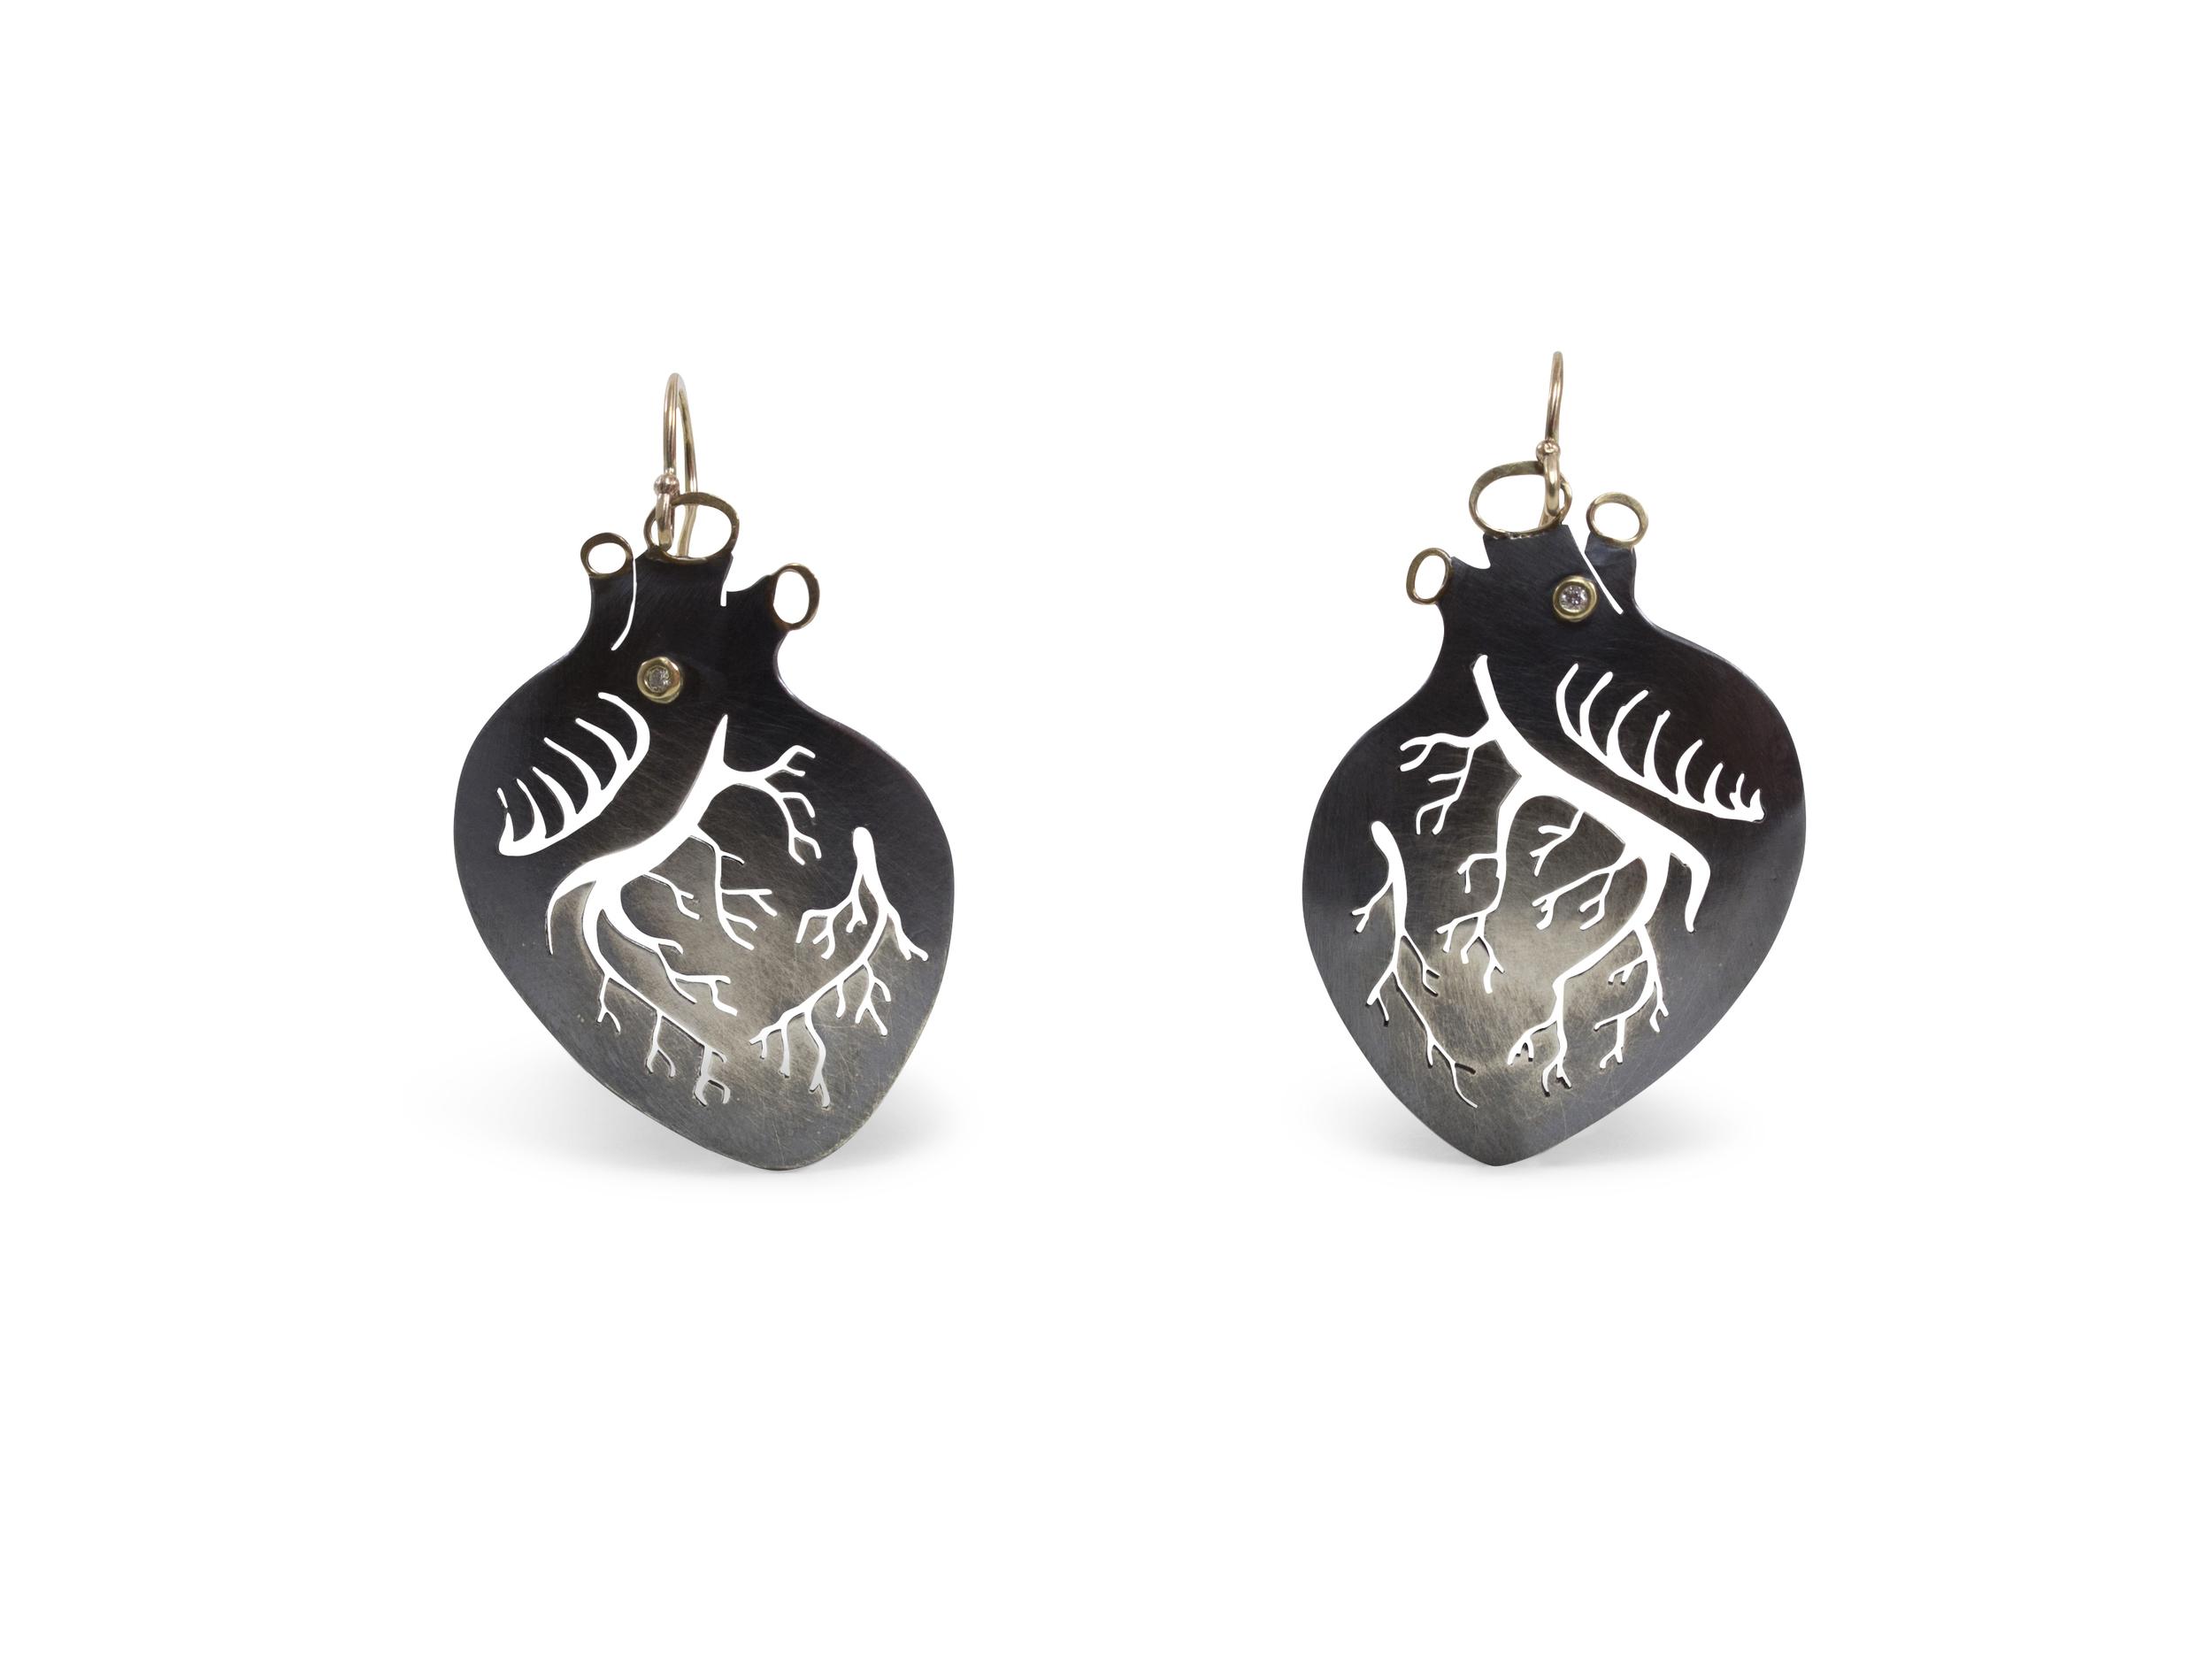 beso earrings unedited.jpg